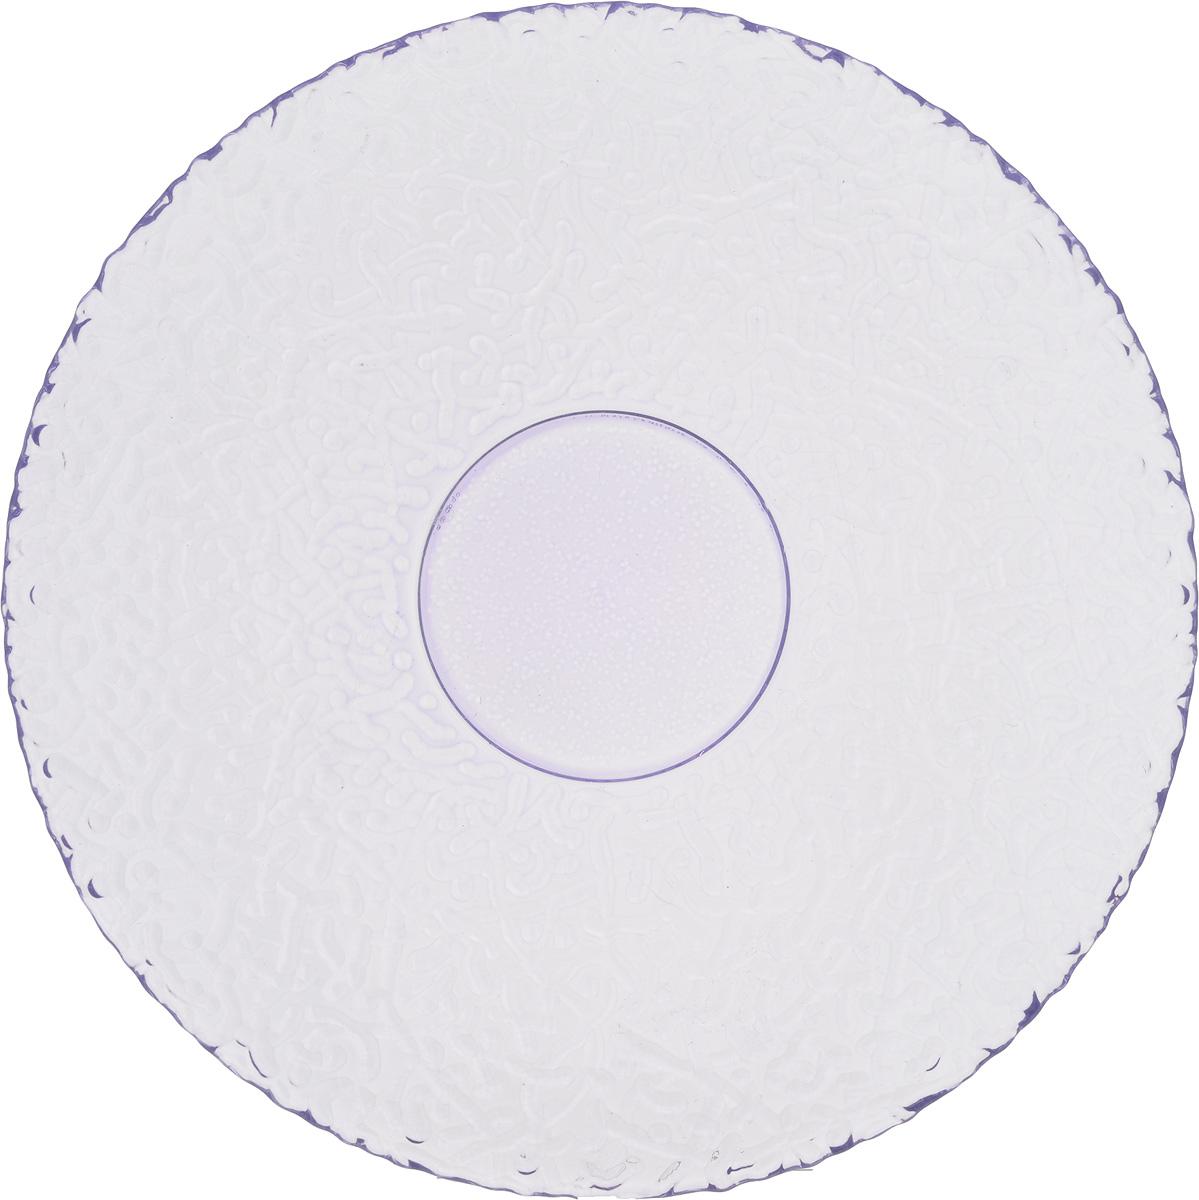 Тарелка NiNaGlass Ажур, цвет: светло-сиреневый, диаметр 21 см83-070-ф210 ЛАВАНТарелка NiNaGlass Ажур выполнена из высококачественного стекла и имеет рельефнуюповерхность. Она прекрасно впишется в интерьер вашей кухни и станет достойным дополнениемк кухонному инвентарю. Тарелка NiNaGlass Ажур подчеркнет прекрасный вкус хозяйки и станет отличным подарком.Диаметр тарелки: 21 см.Высота: 2,5 см.